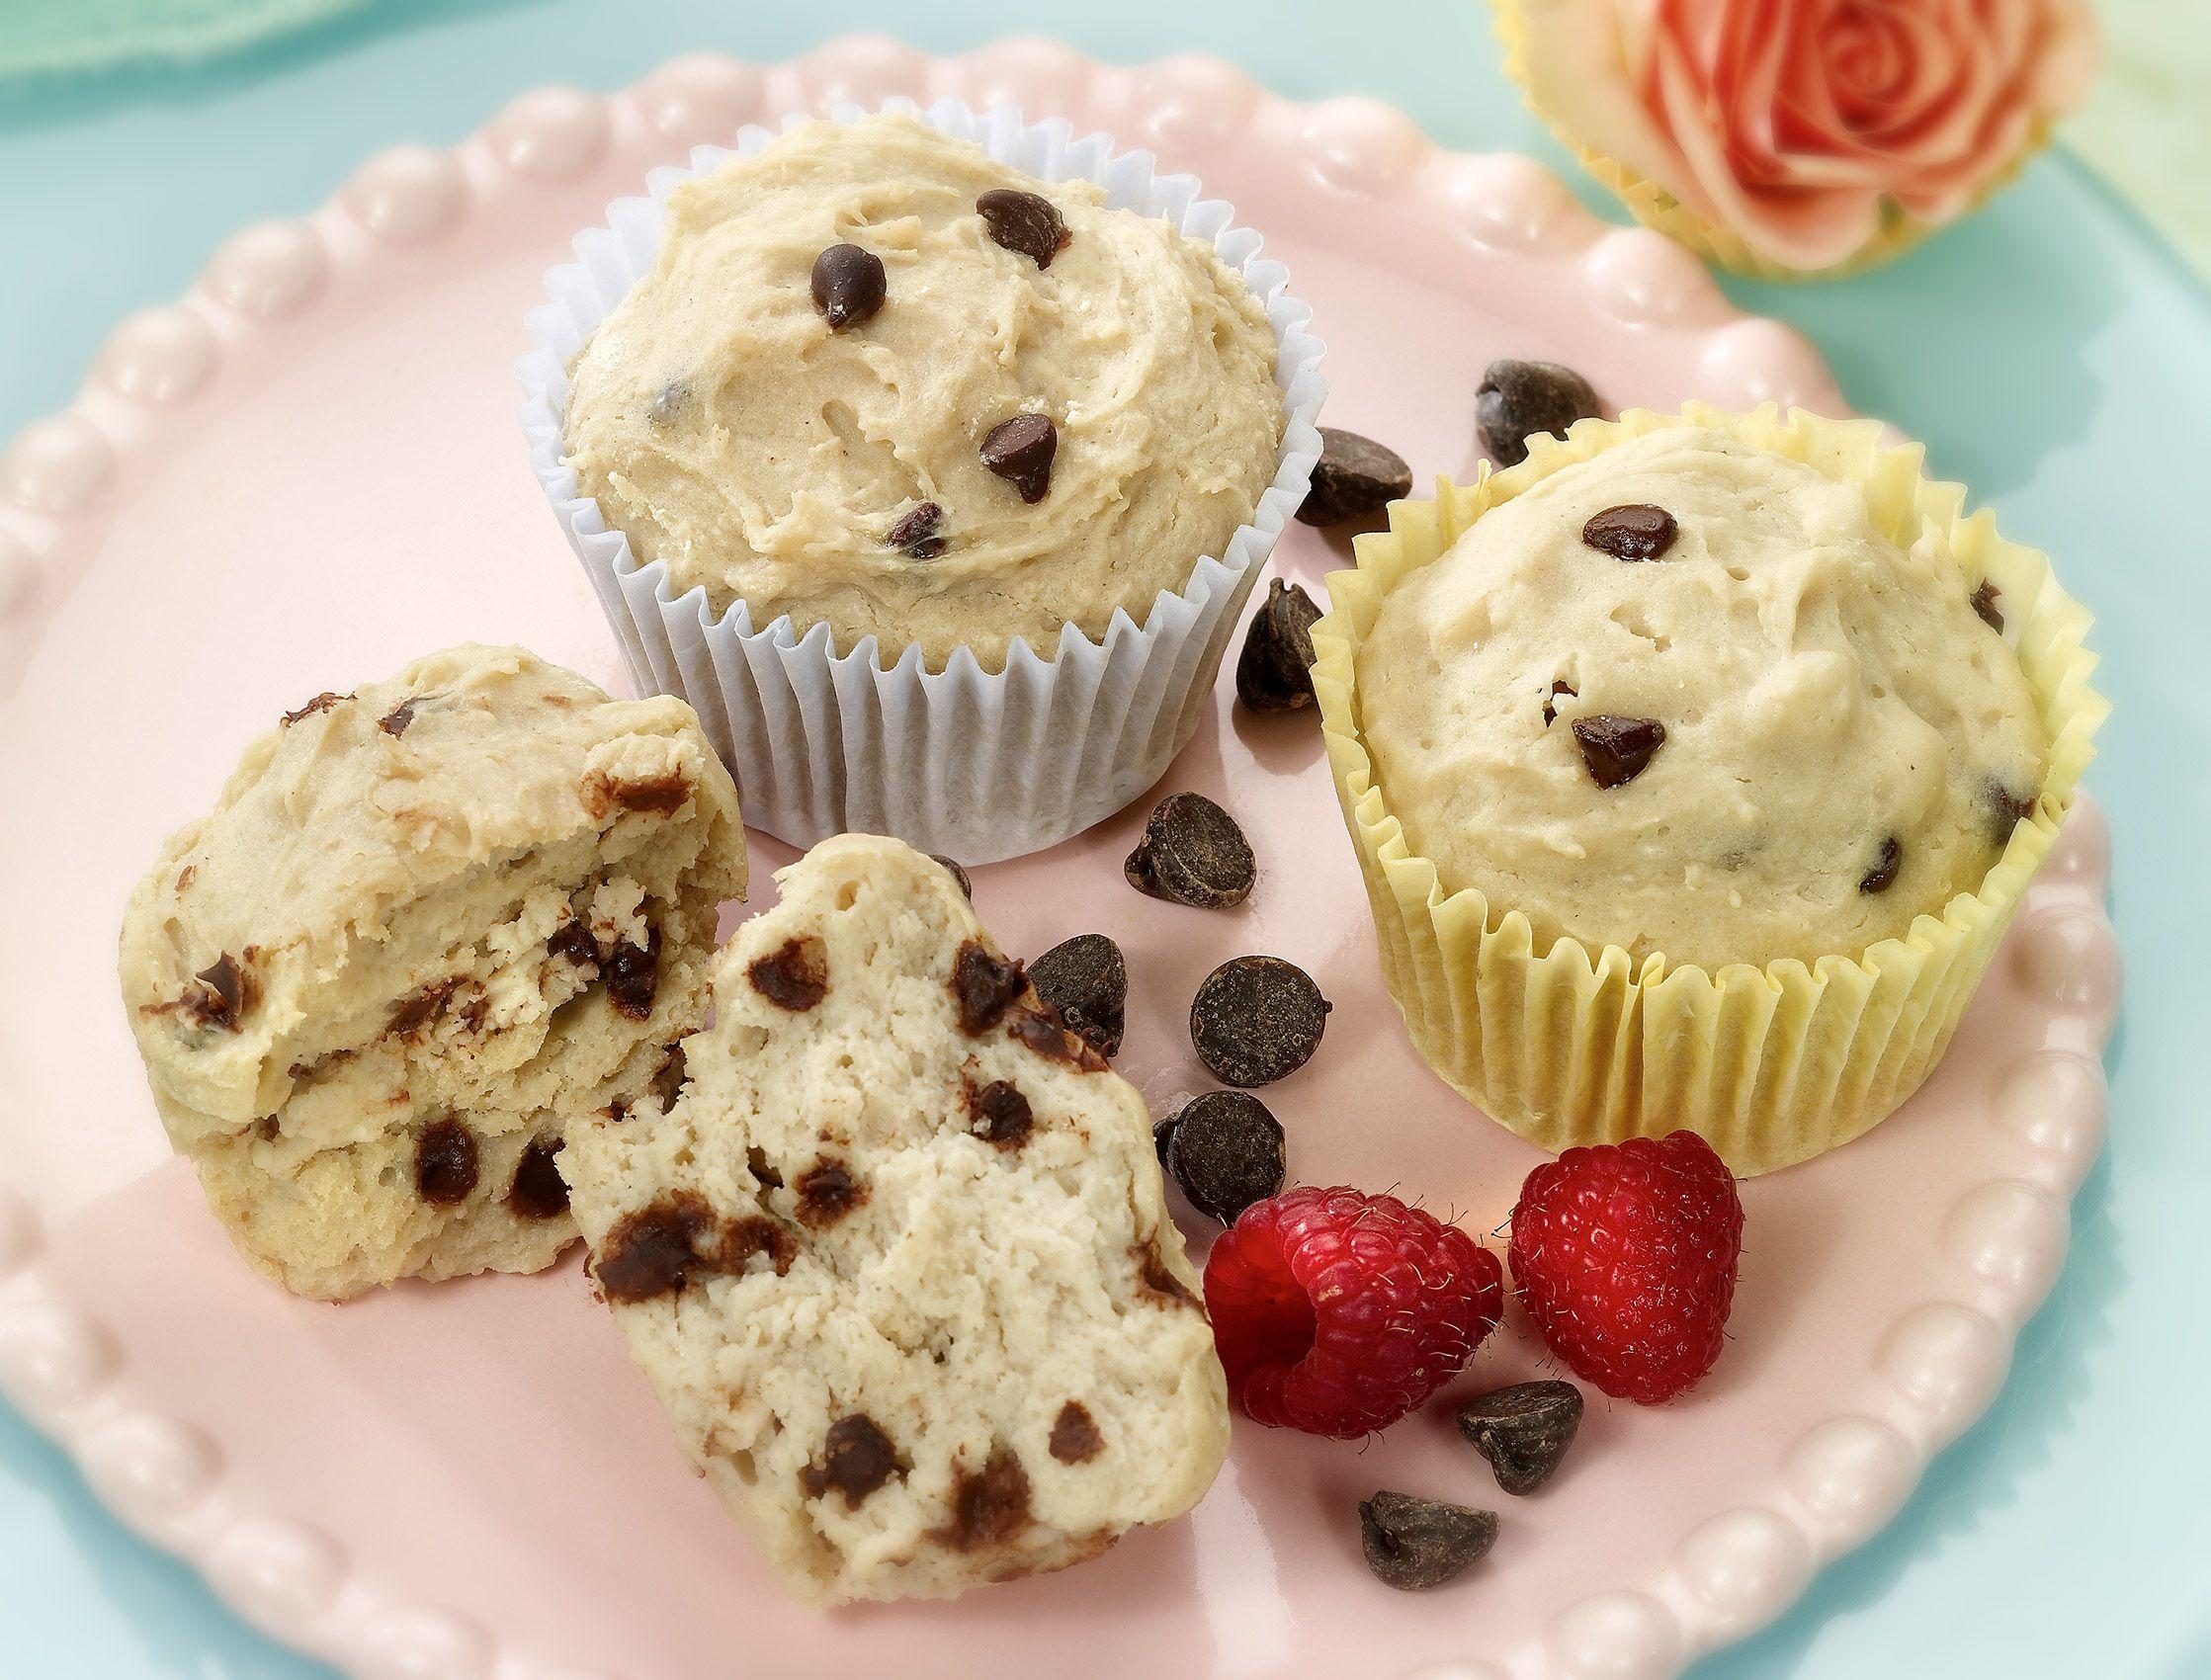 muffin_02.jpg